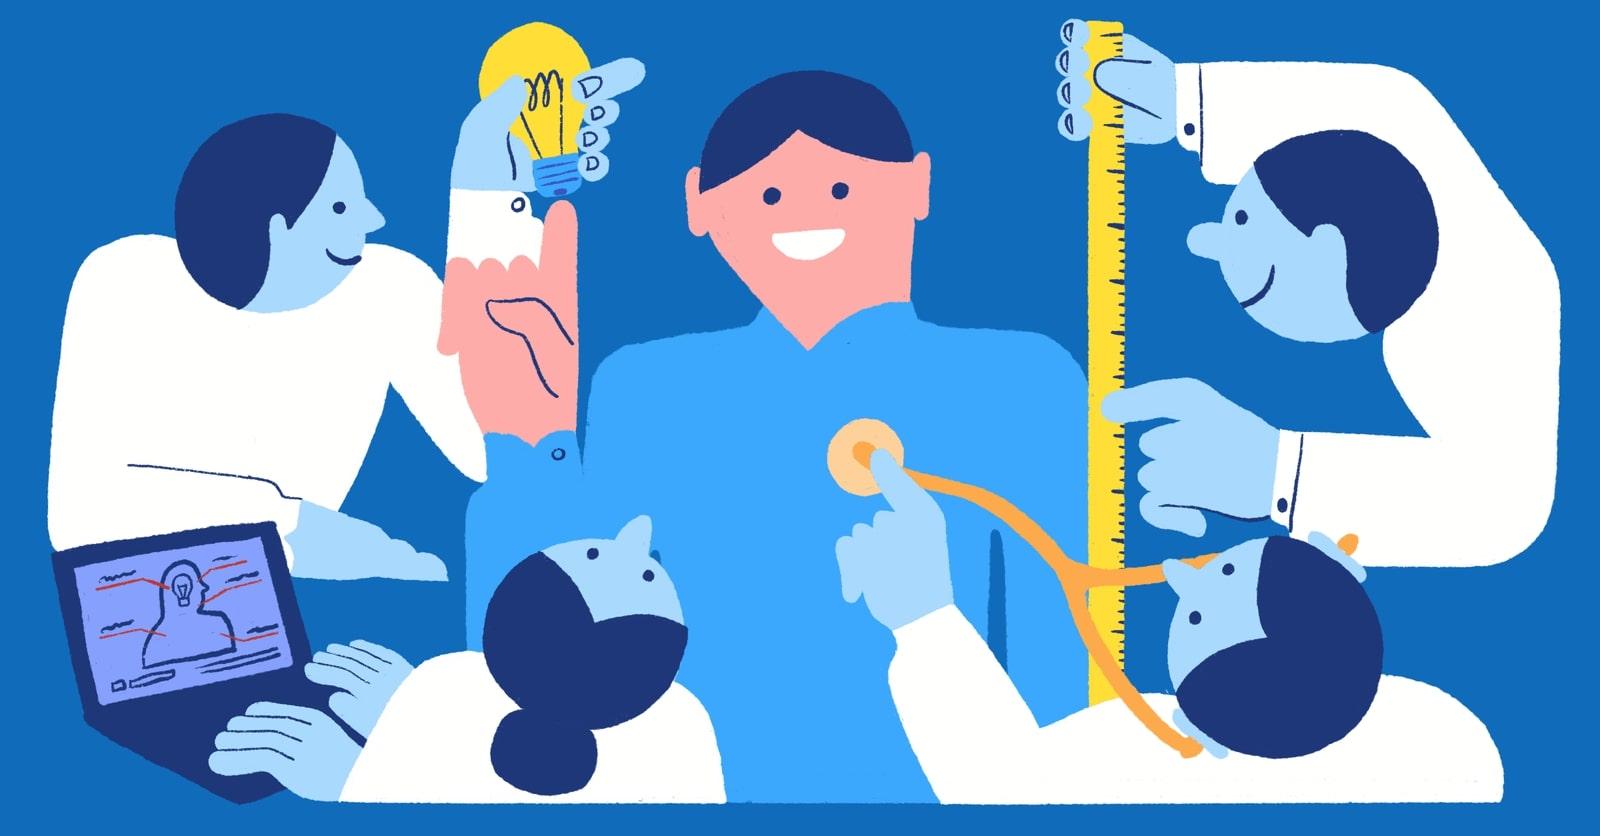 7 cách nắm bắt tâm lý khách hàng giúp chốt sale hiệu quả nhất năm 2021